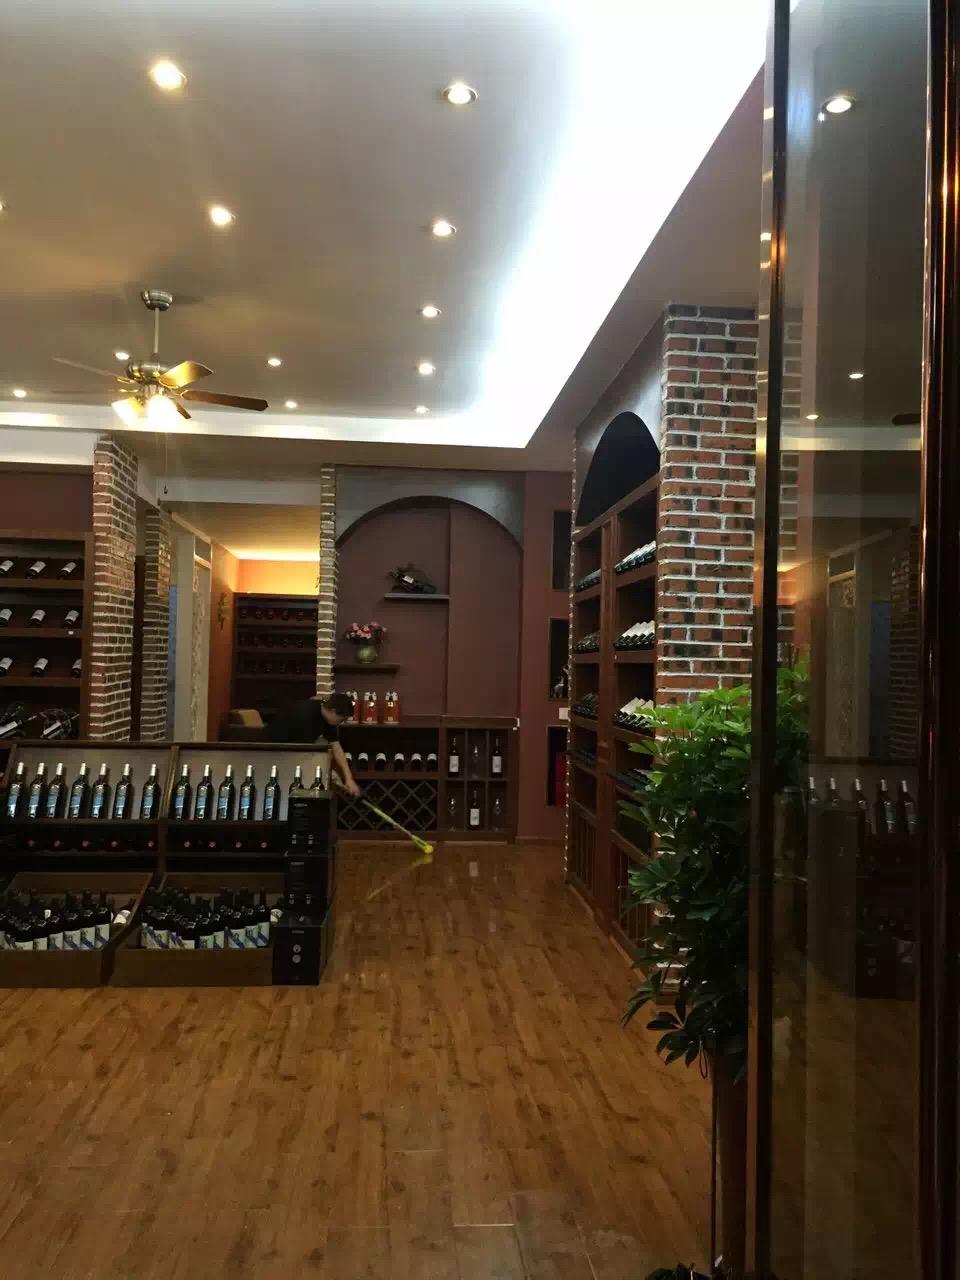 卡蒂曼红酒品鉴会所